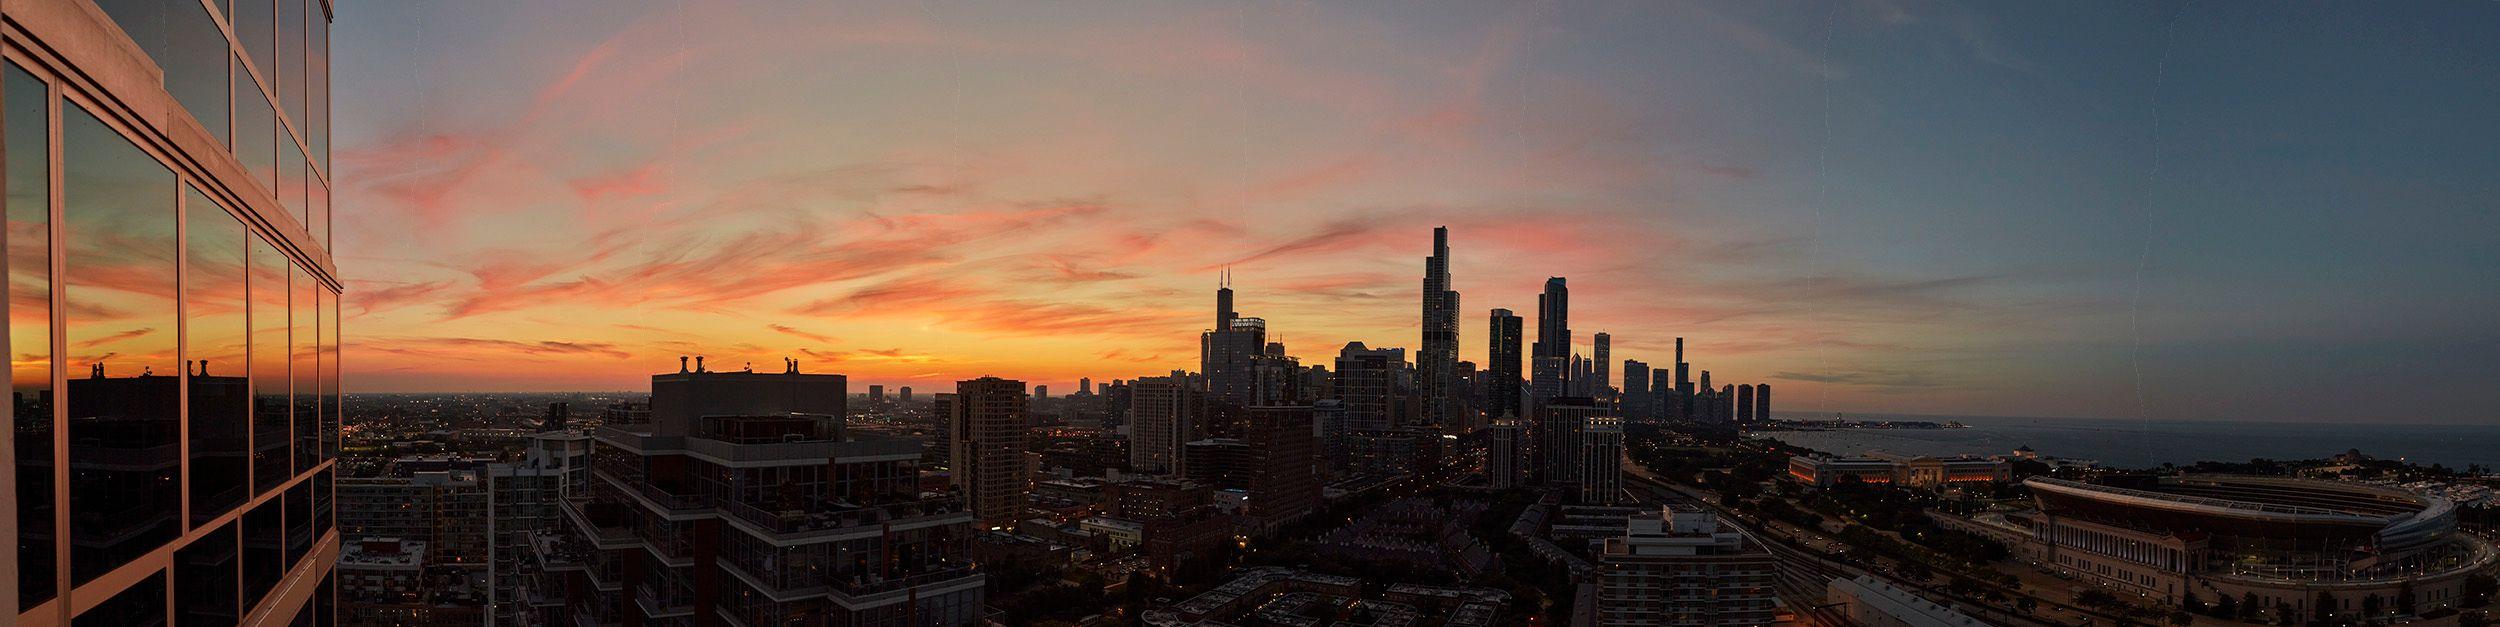 Chicago_Sunset_-1_horz_fb.jpg